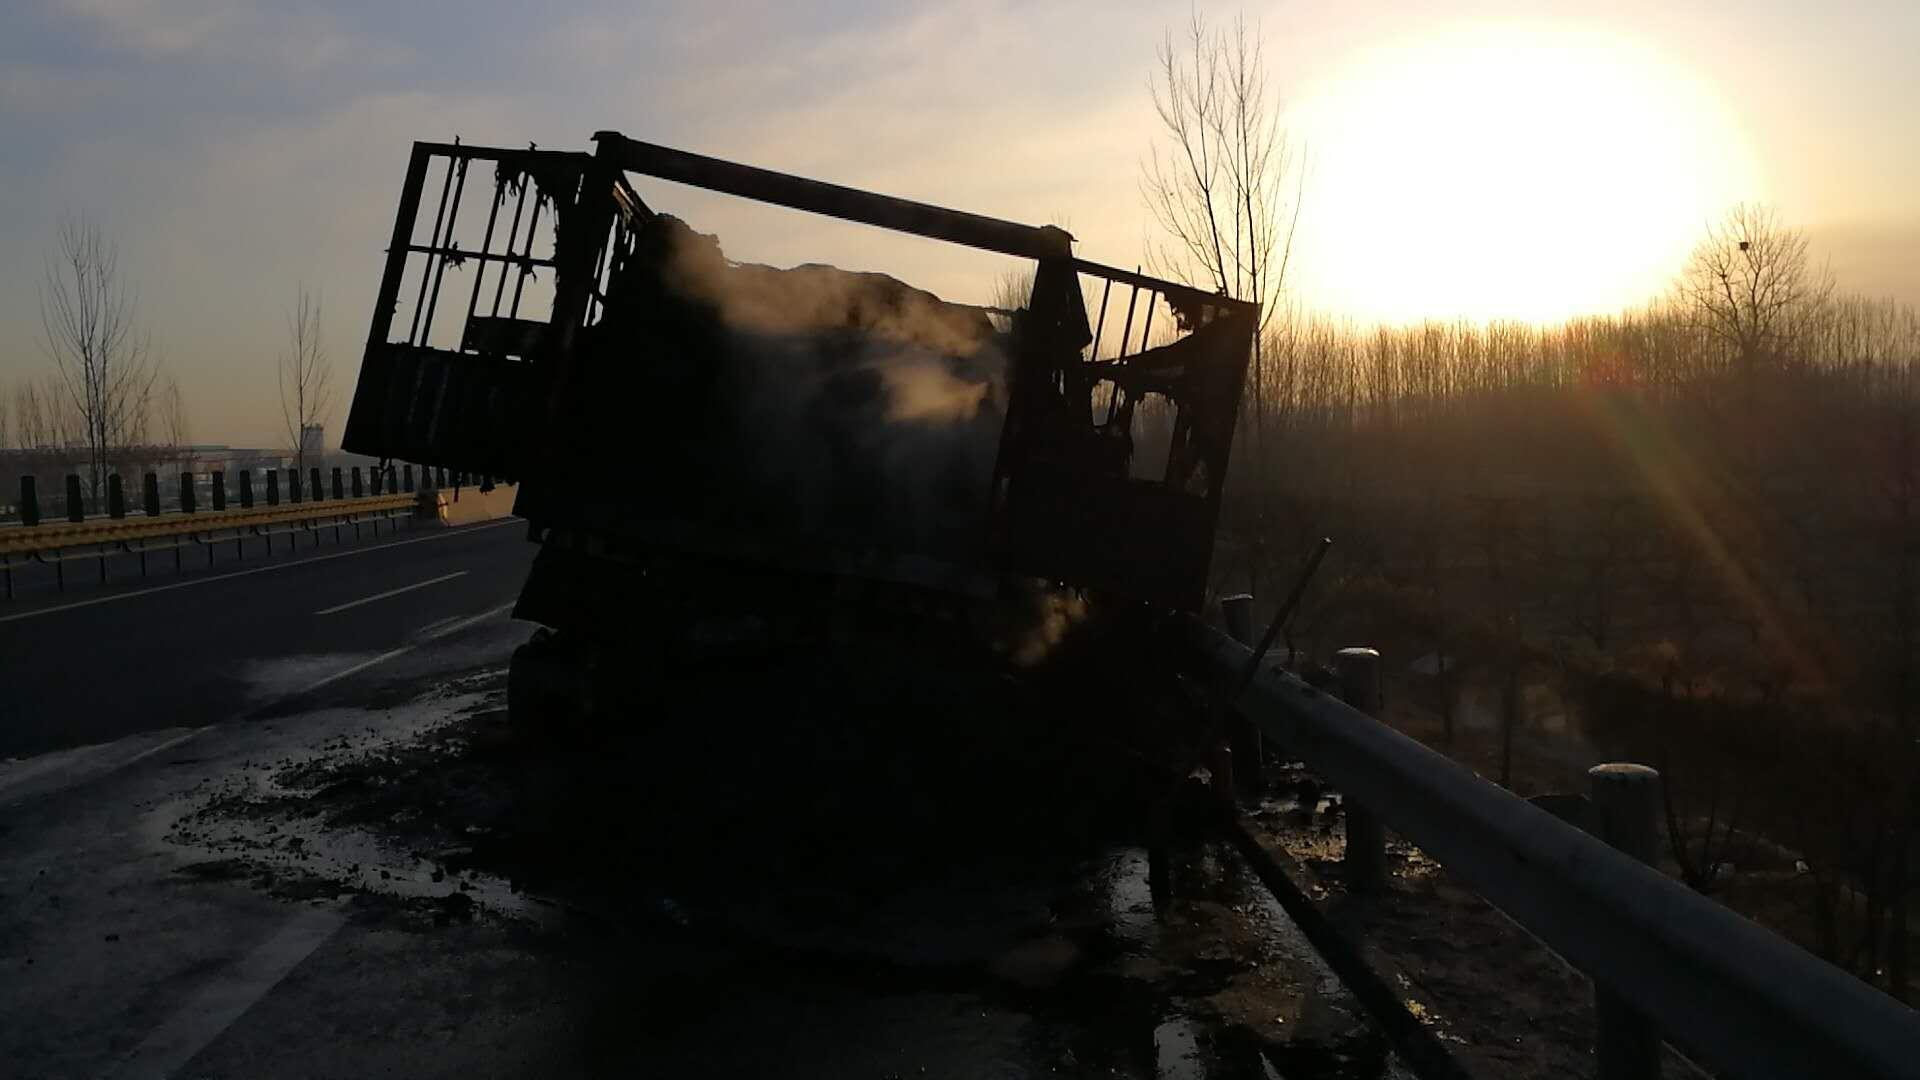 30分钟拉煤货车燃尽12条轮胎